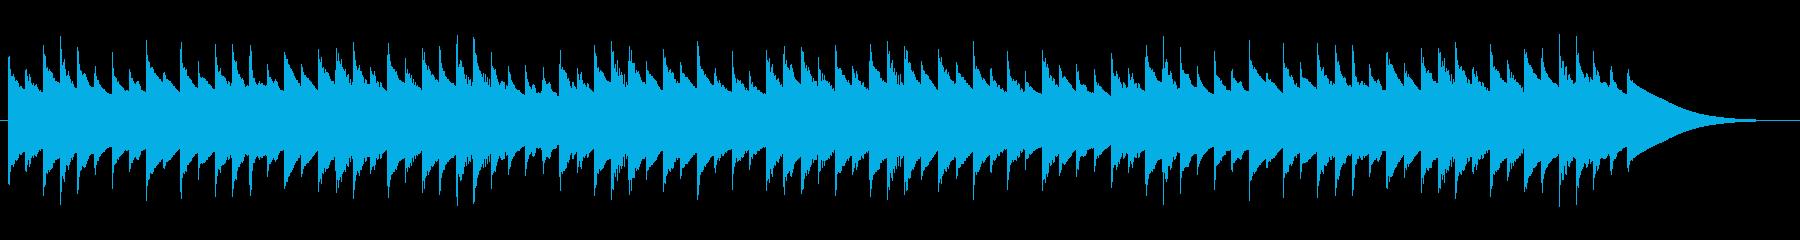 むすんでひらいて オルゴールの再生済みの波形